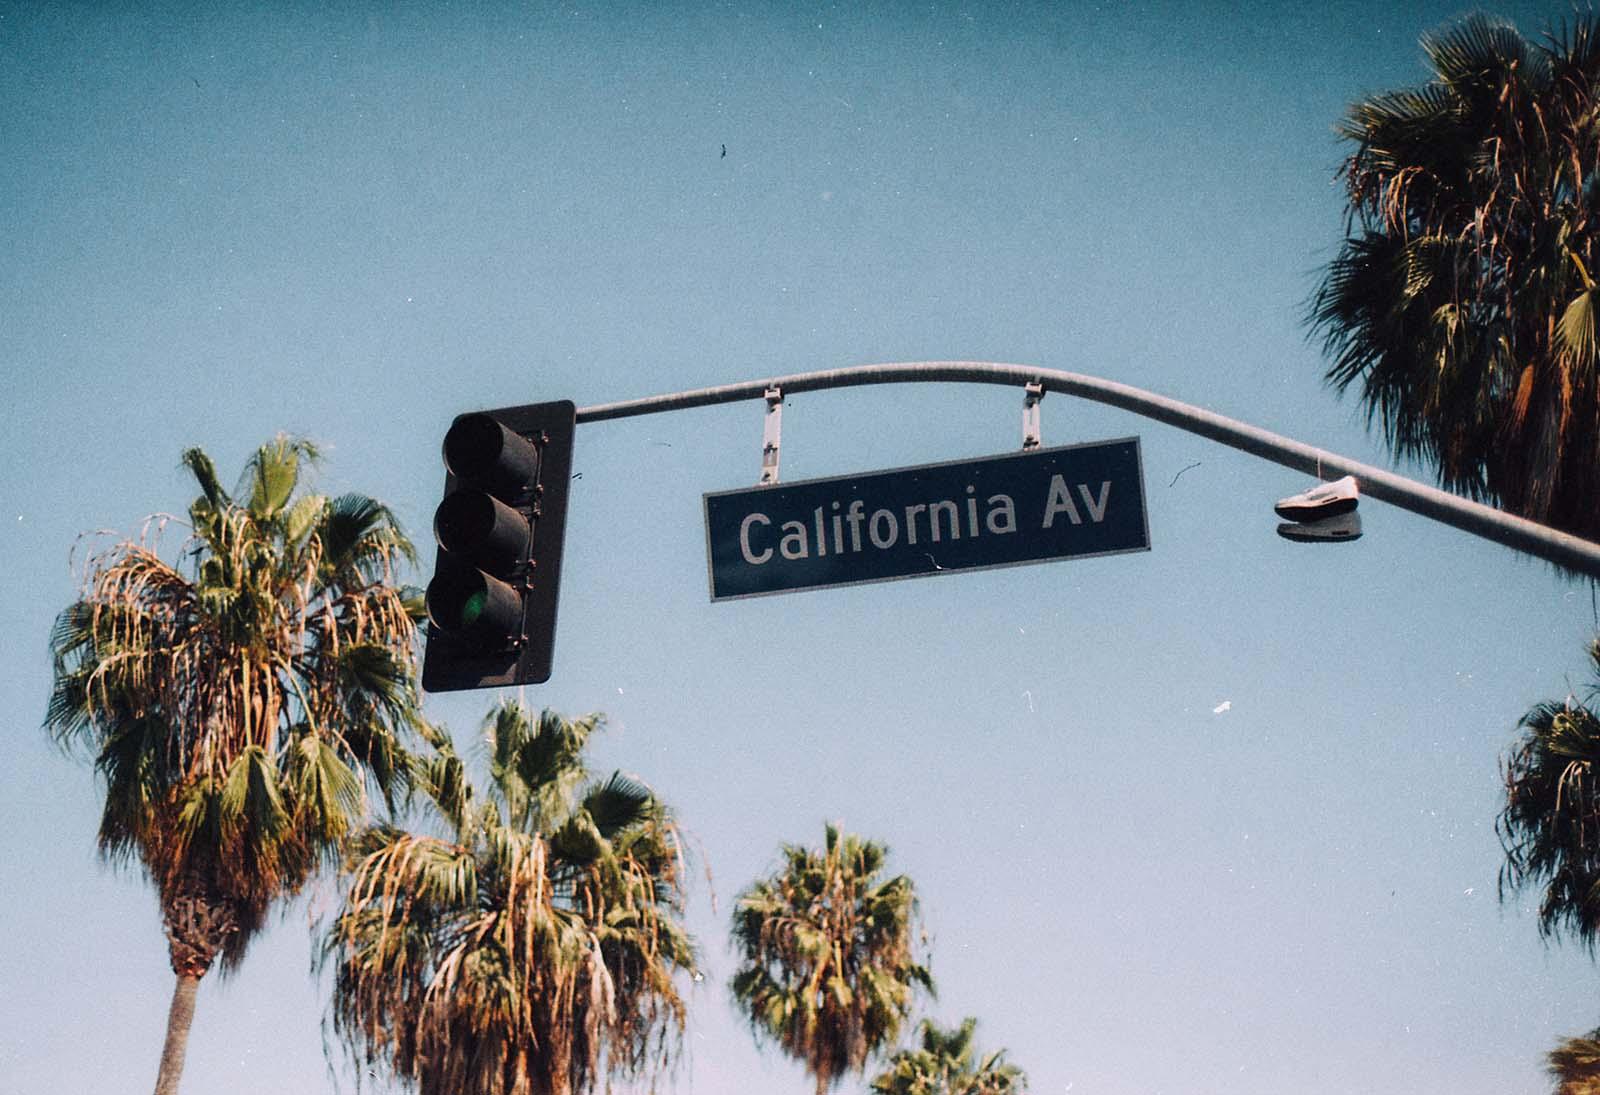 Combien Coute Un Plan De Travail coût d'une installation (visa, déménagement) californie